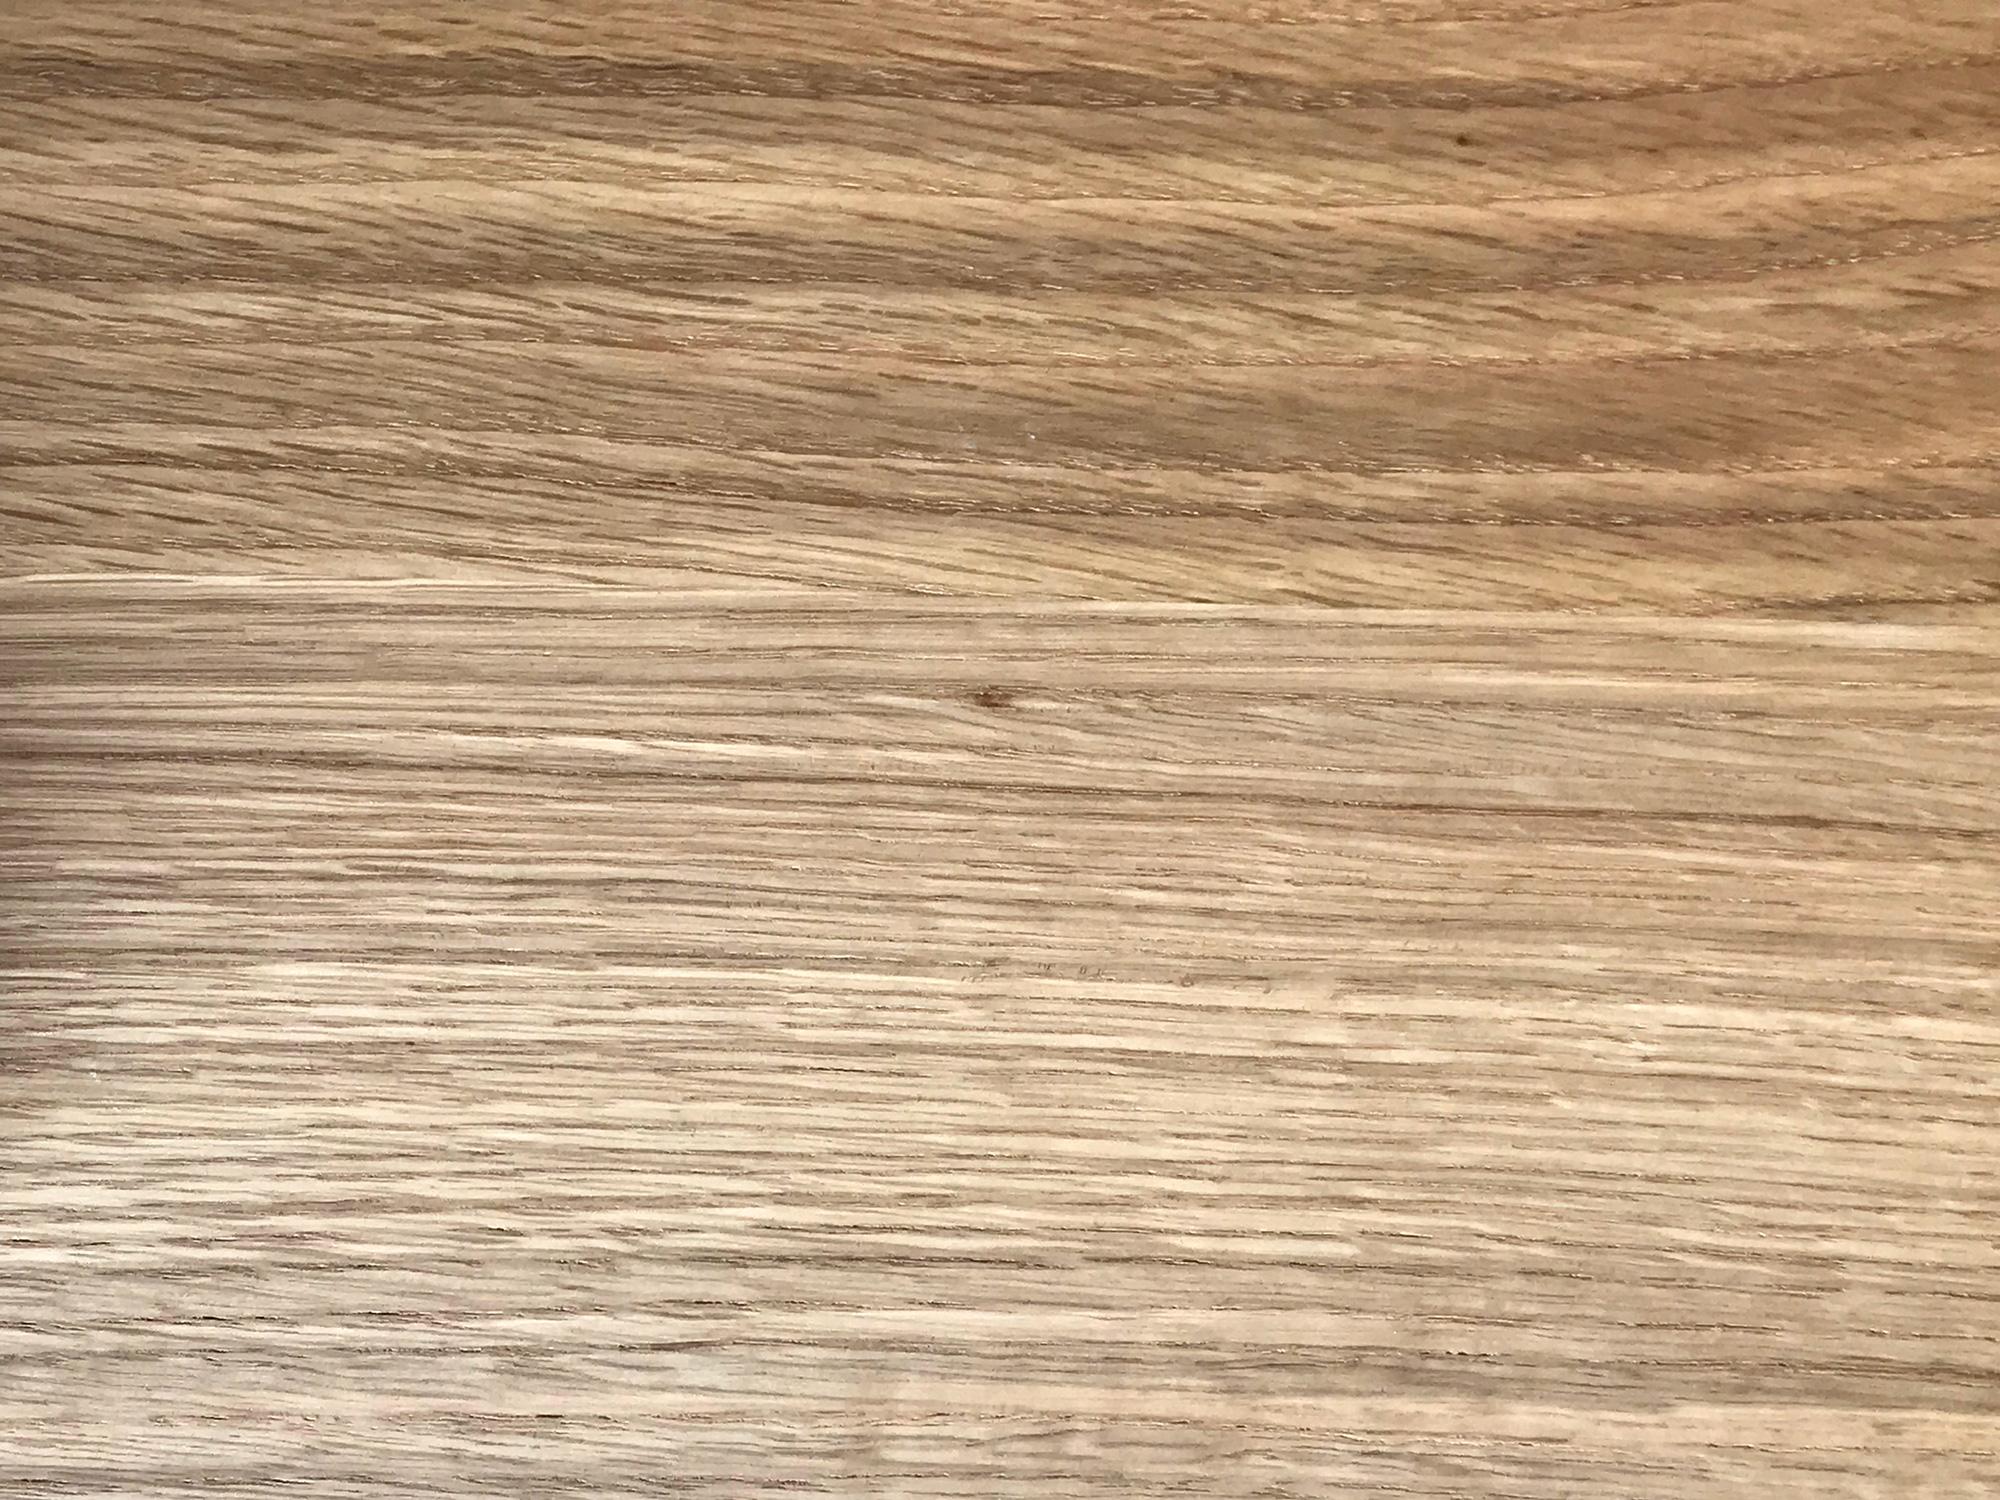 オーク材の背景用テクスチャ